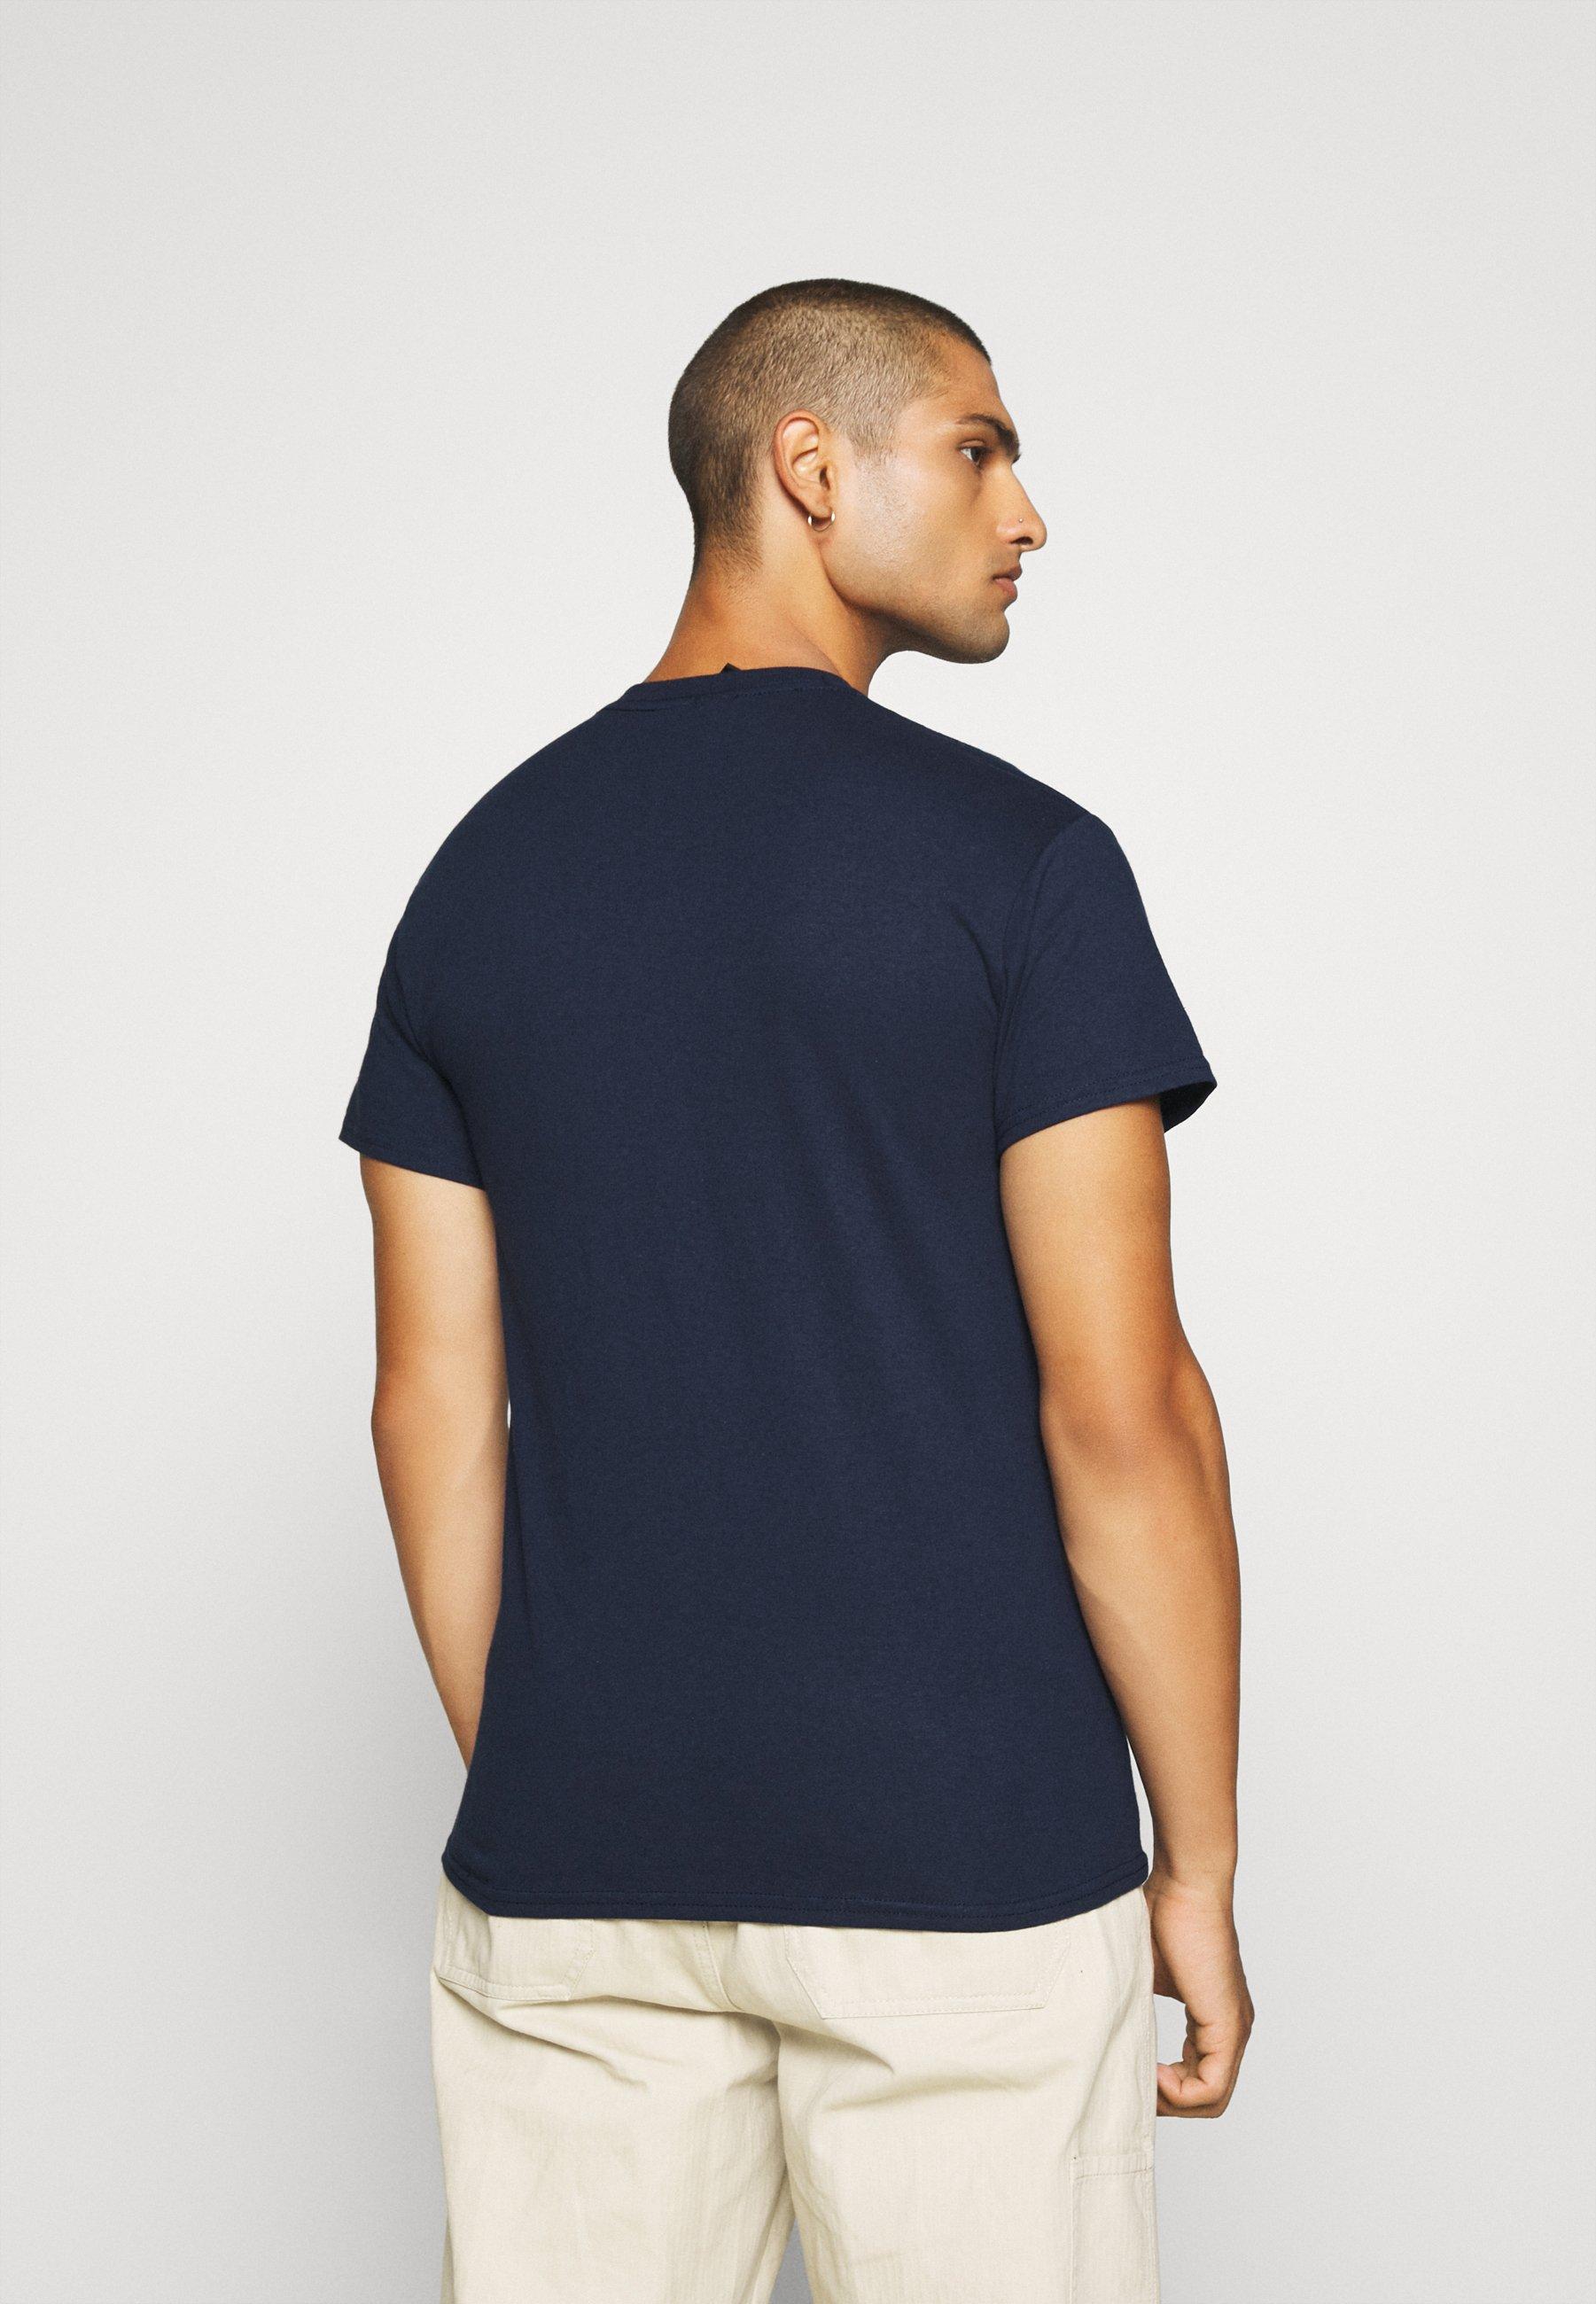 Obey Clothing JUMBLED BASIC POCKET TEE - T-Shirt basic - navy/dunkelblau - Herrenbekleidung c7SpV